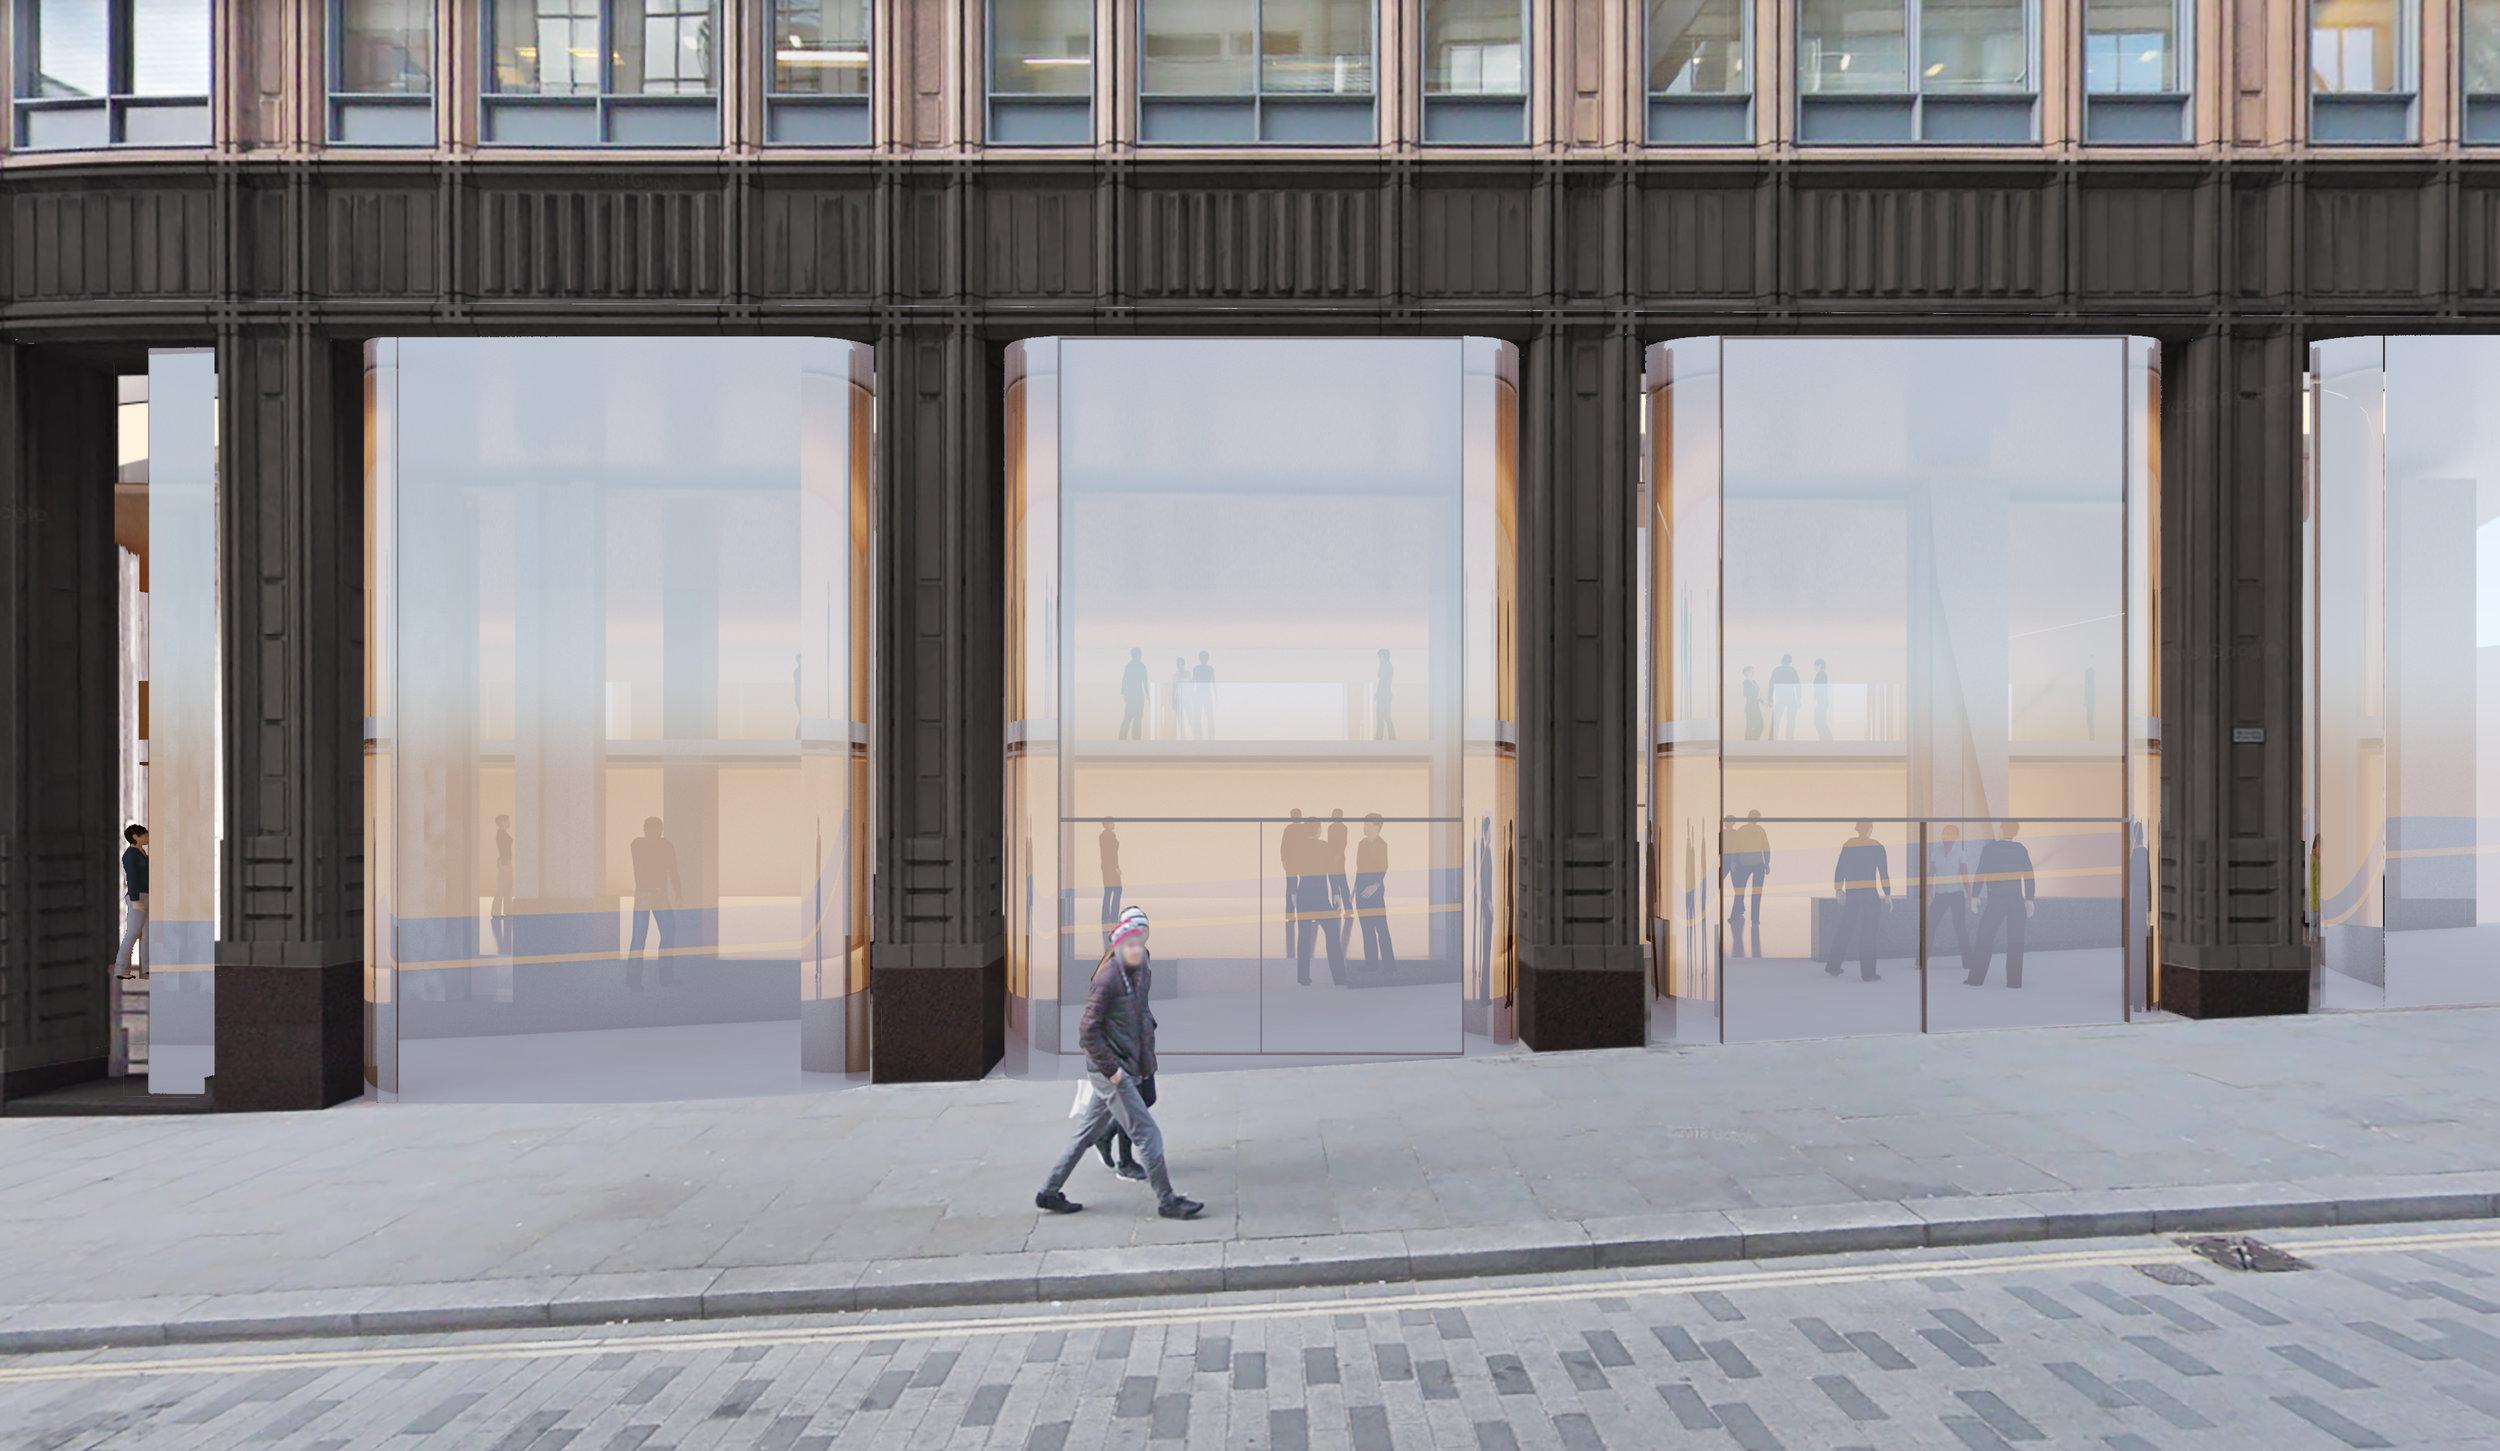 Retail-External View-Glass front.jpg